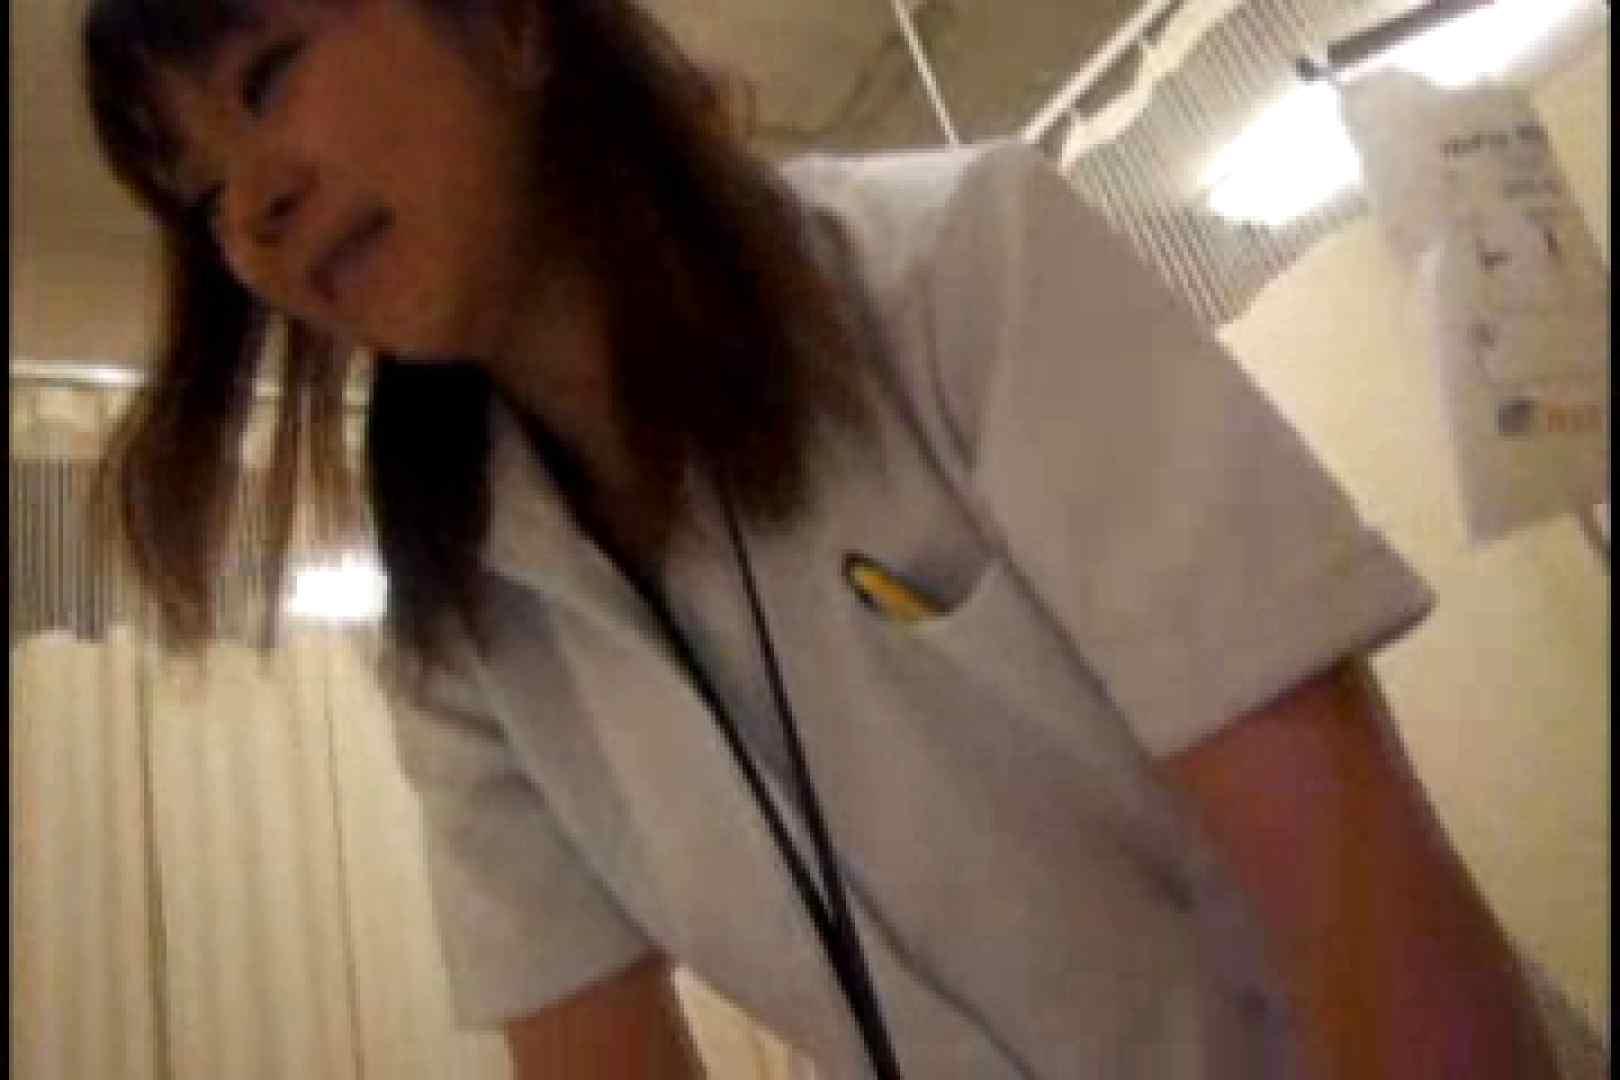 ヤリマンと呼ばれた看護士さんvol1 OLのエッチ | シックスナイン  112pic 43